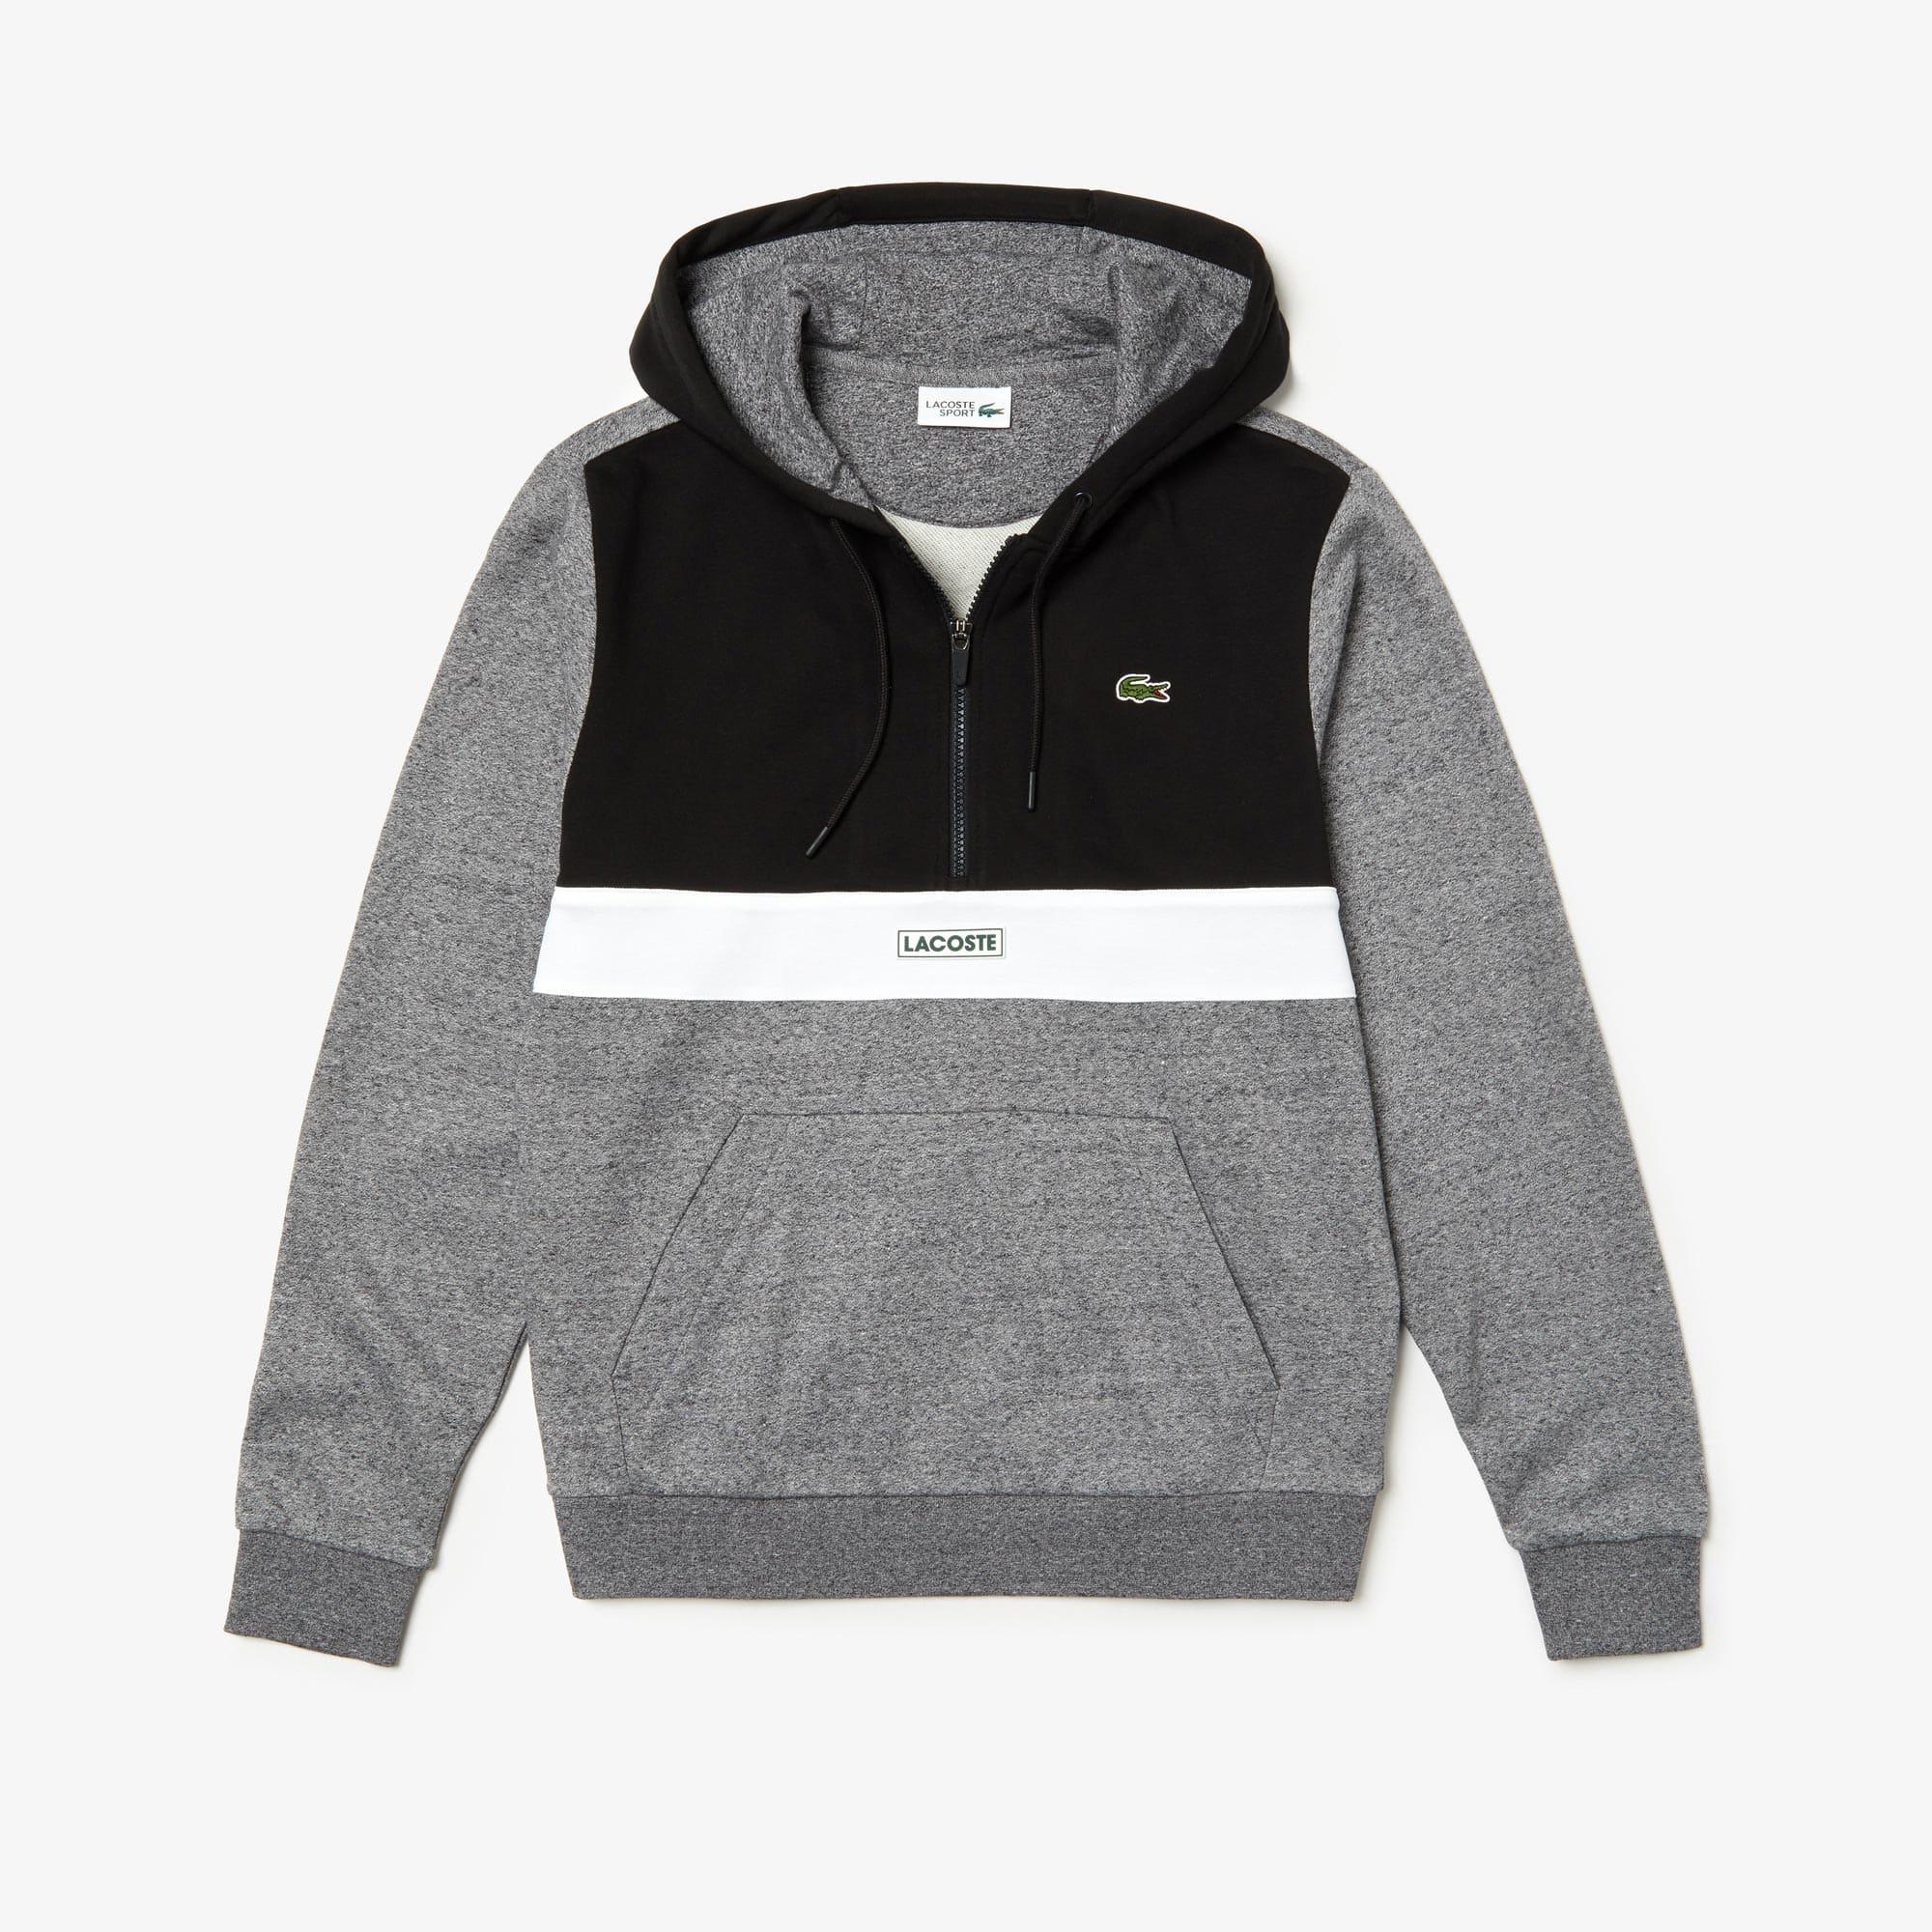 Sweatshirts Vêtements Vêtements Lacoste Homme Sweatshirts Homme vrq67vwnWH